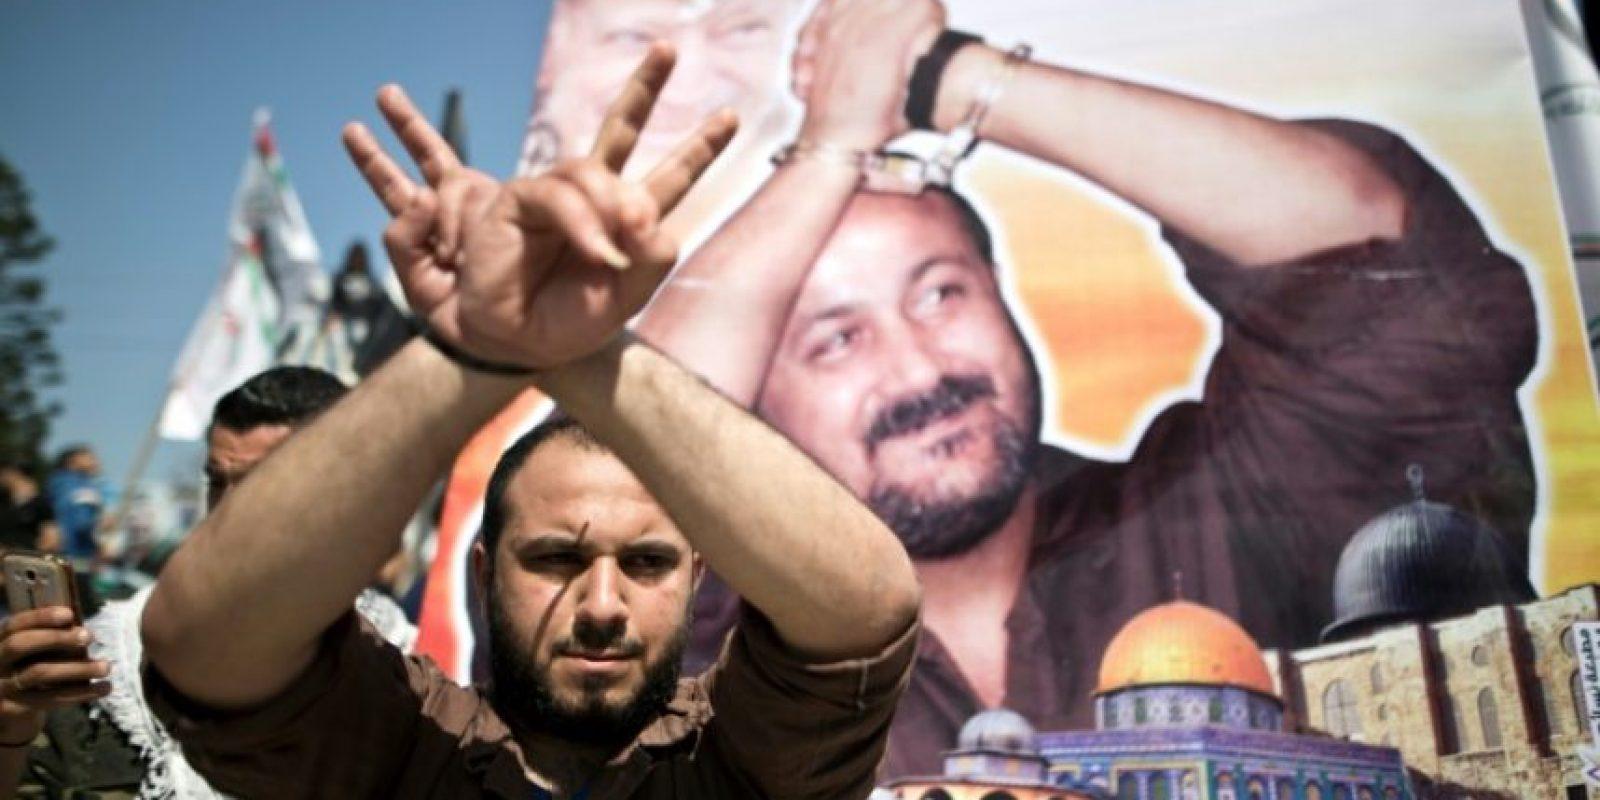 Un hombre palestino hace señas con sus manos frente a un cartel que lleva el retrato del líder de Fatah encarcelado Marwan Barghuti, durante una manifestación que marca el Día del Prisionero Palestino en la Ciudad de Gaza, el 17 de abril de 2016. Foto:MAHMUD HAMS/afp.com